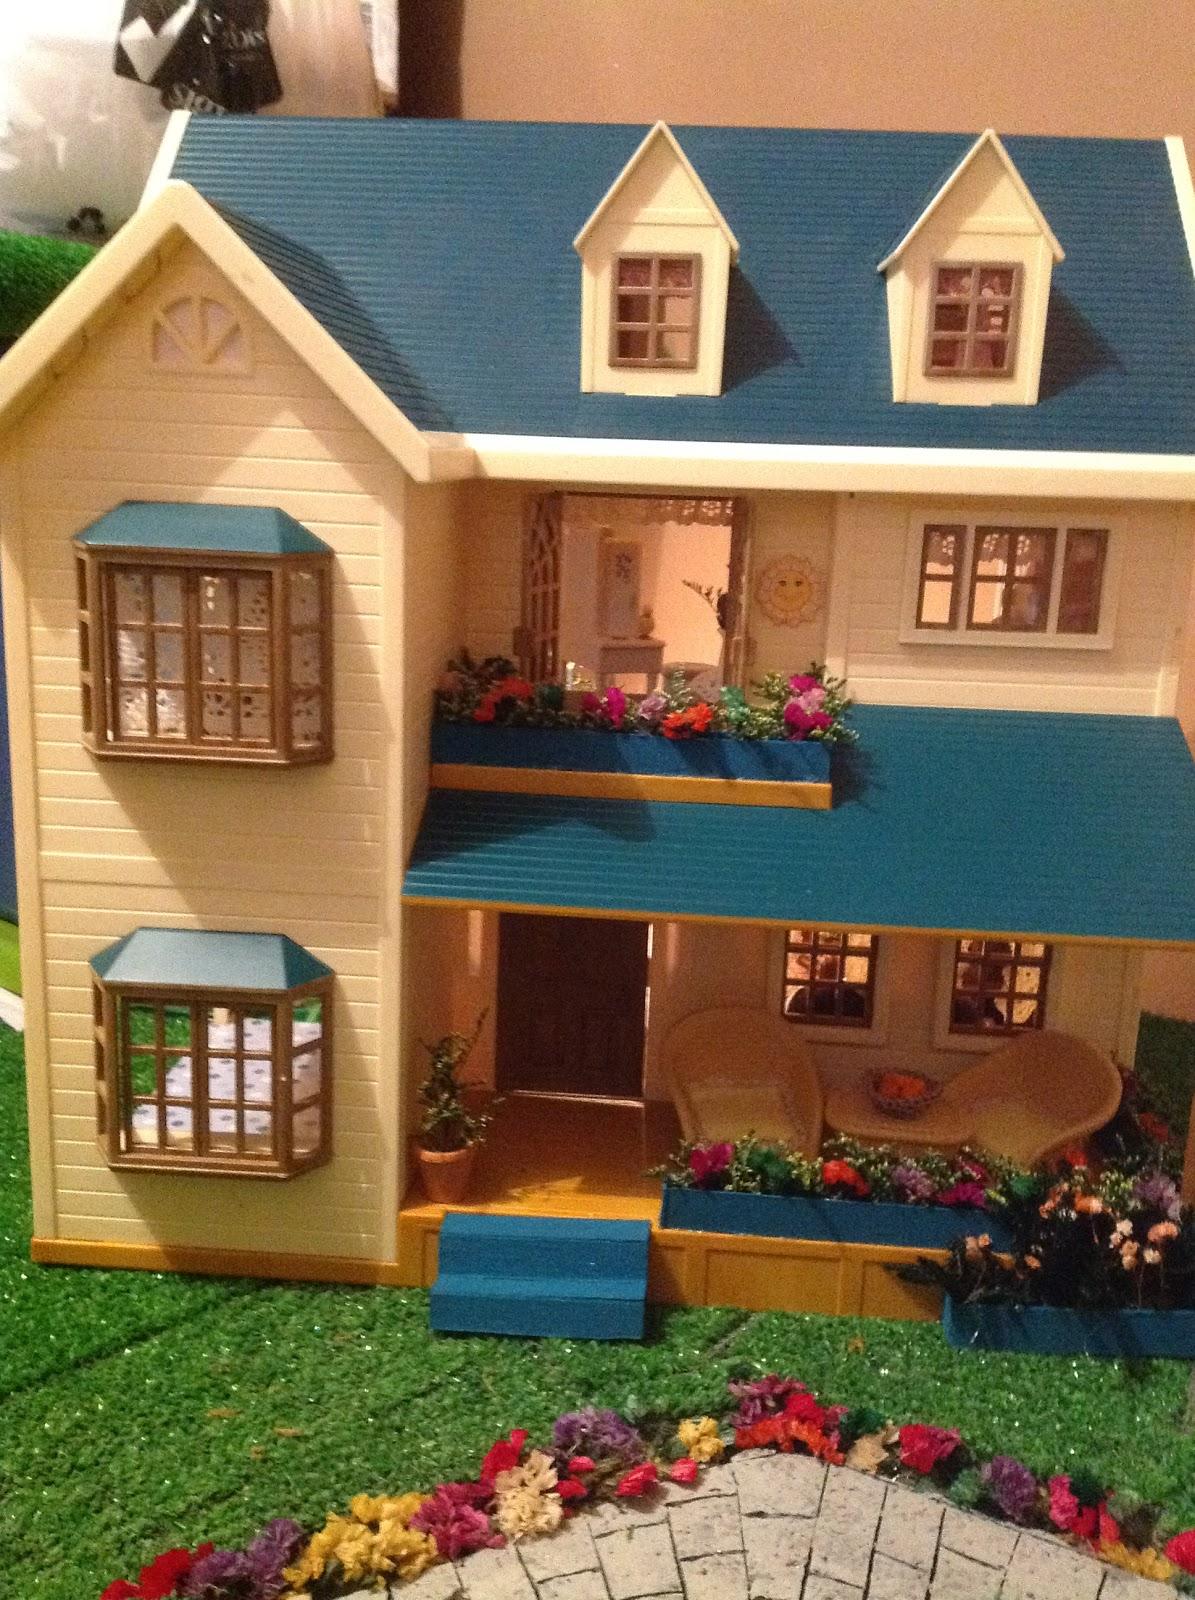 Ternurines villa conejo la casa grande - Casa conejo ...